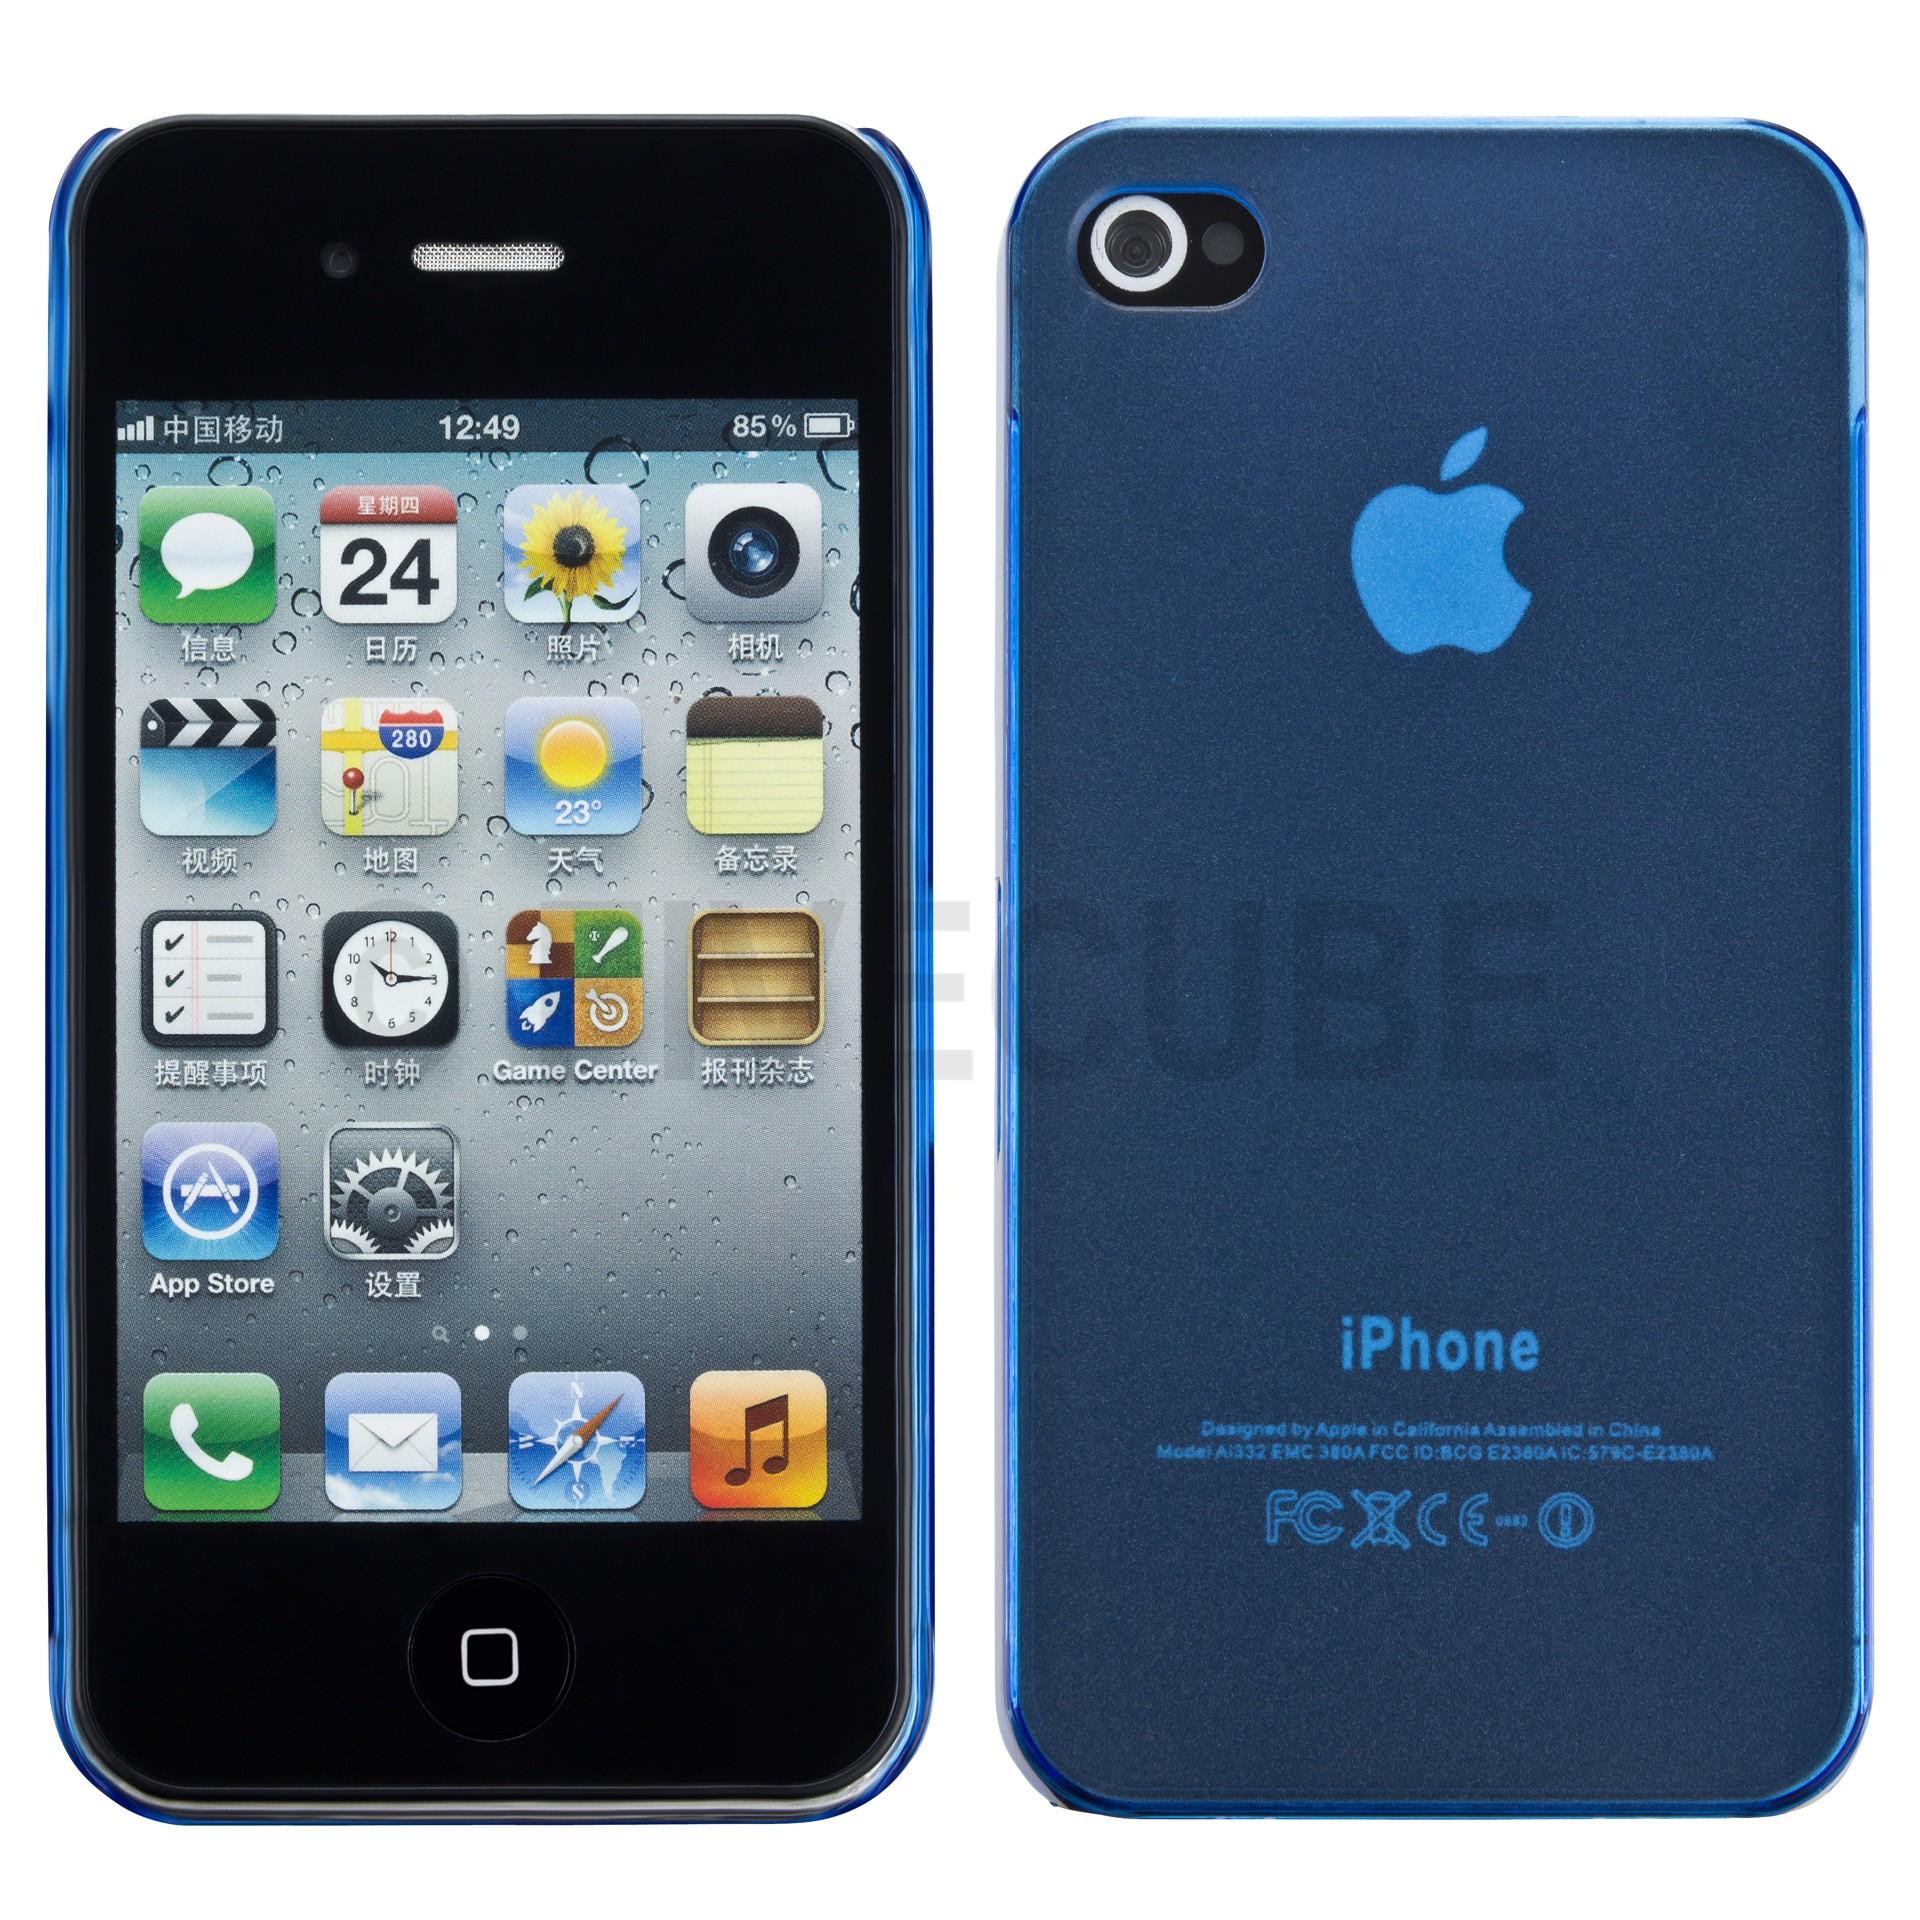 Yemota Pro Slimcase für iPhone 4 / 4S - Blau